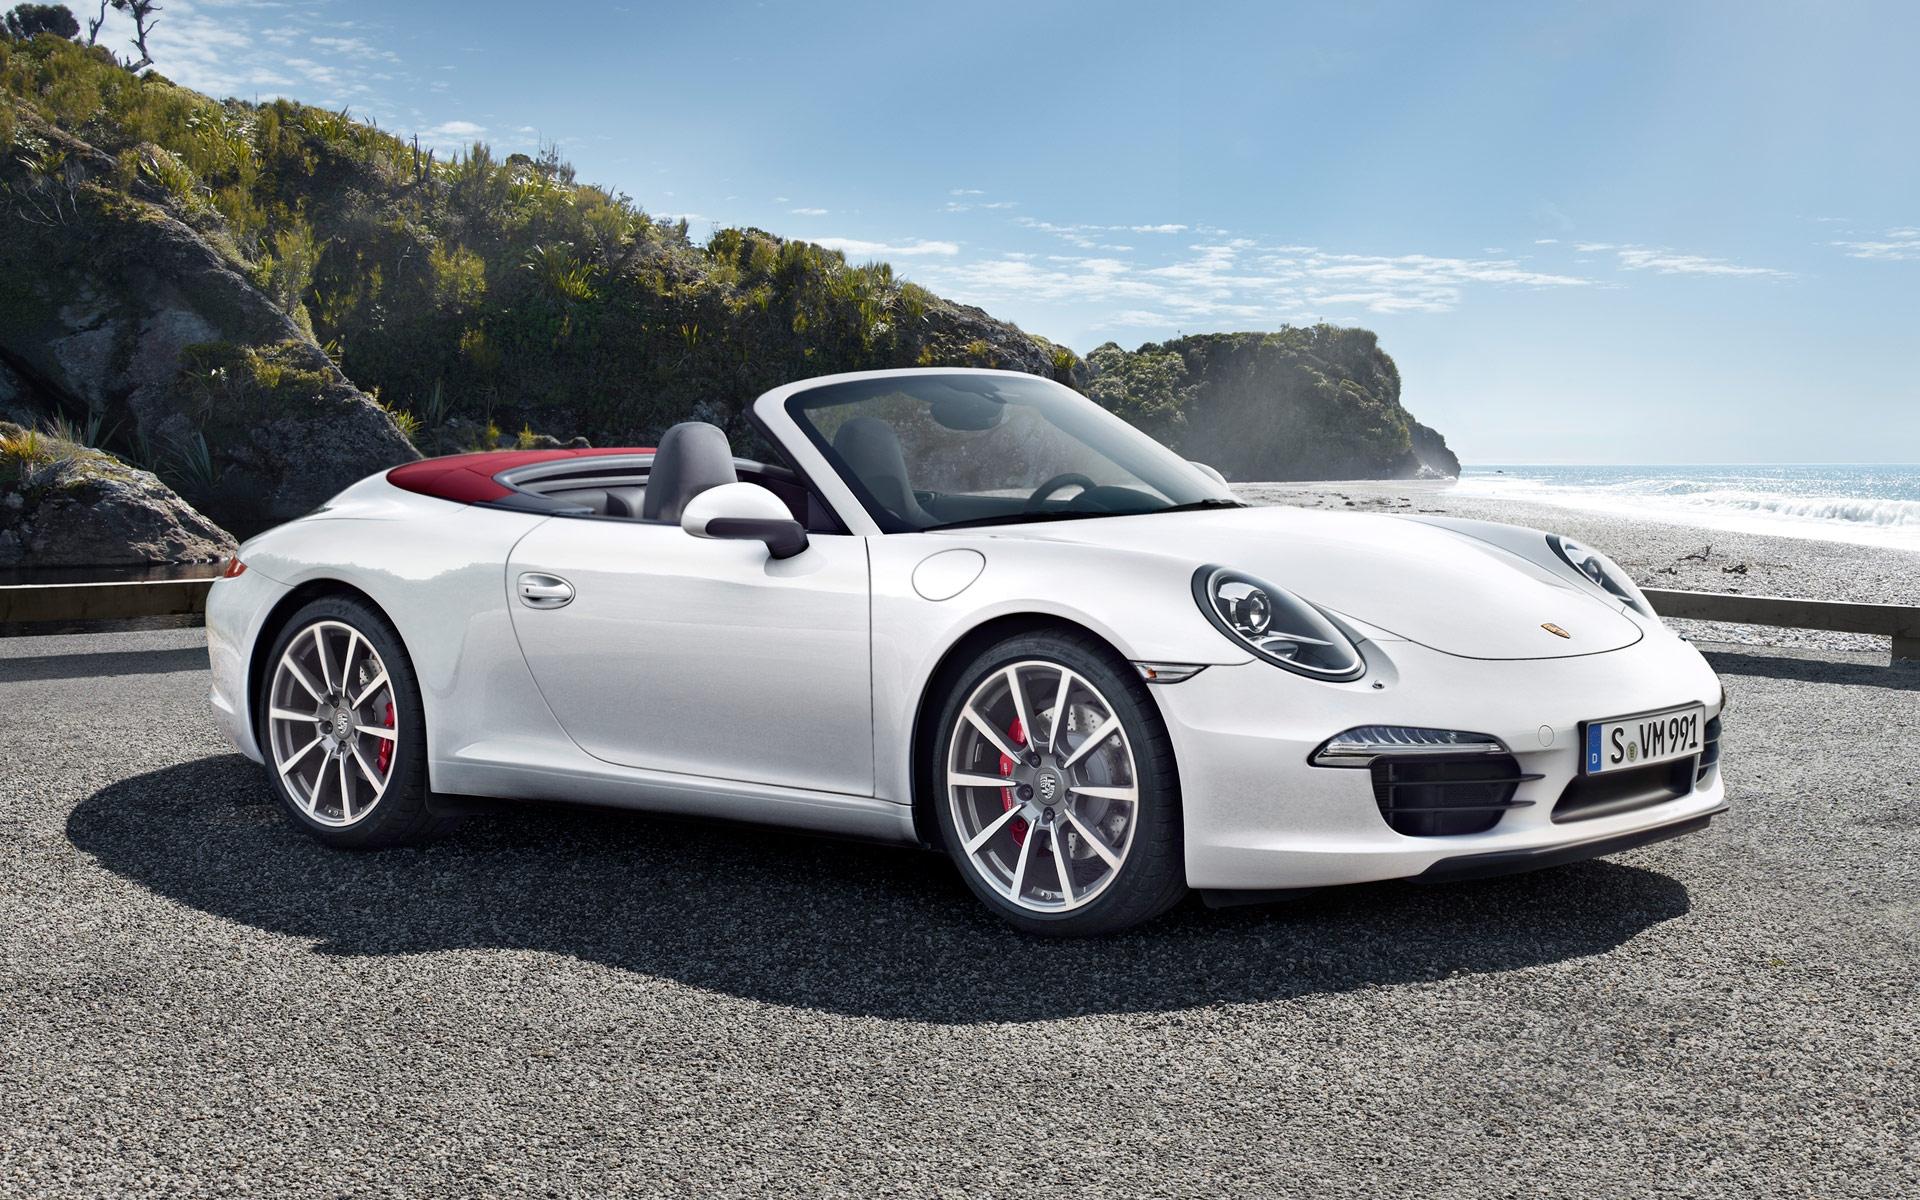 Porsche 911 Hd